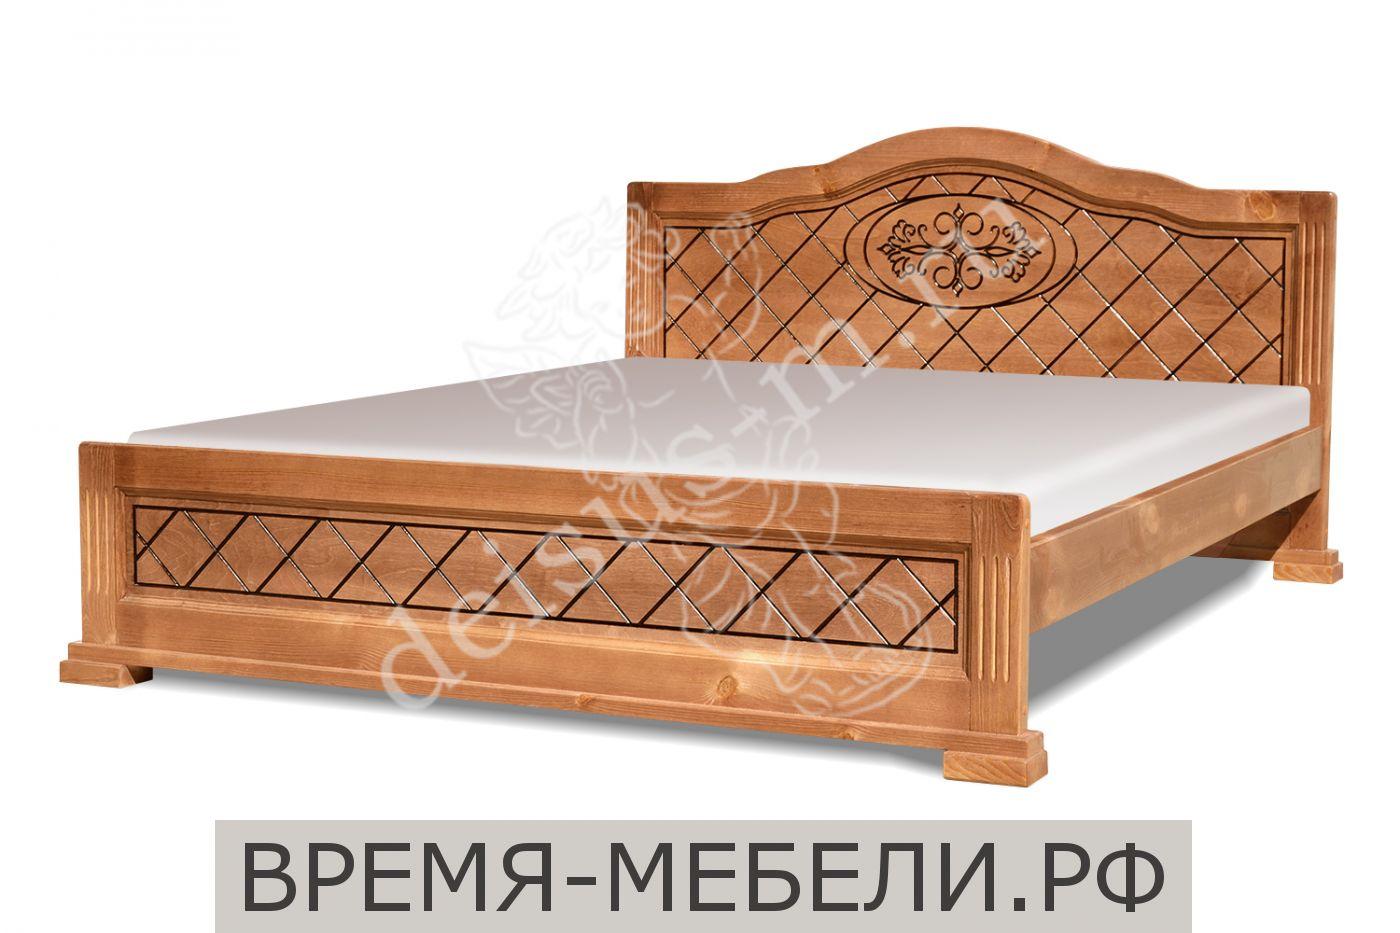 Кровать Каприз-М